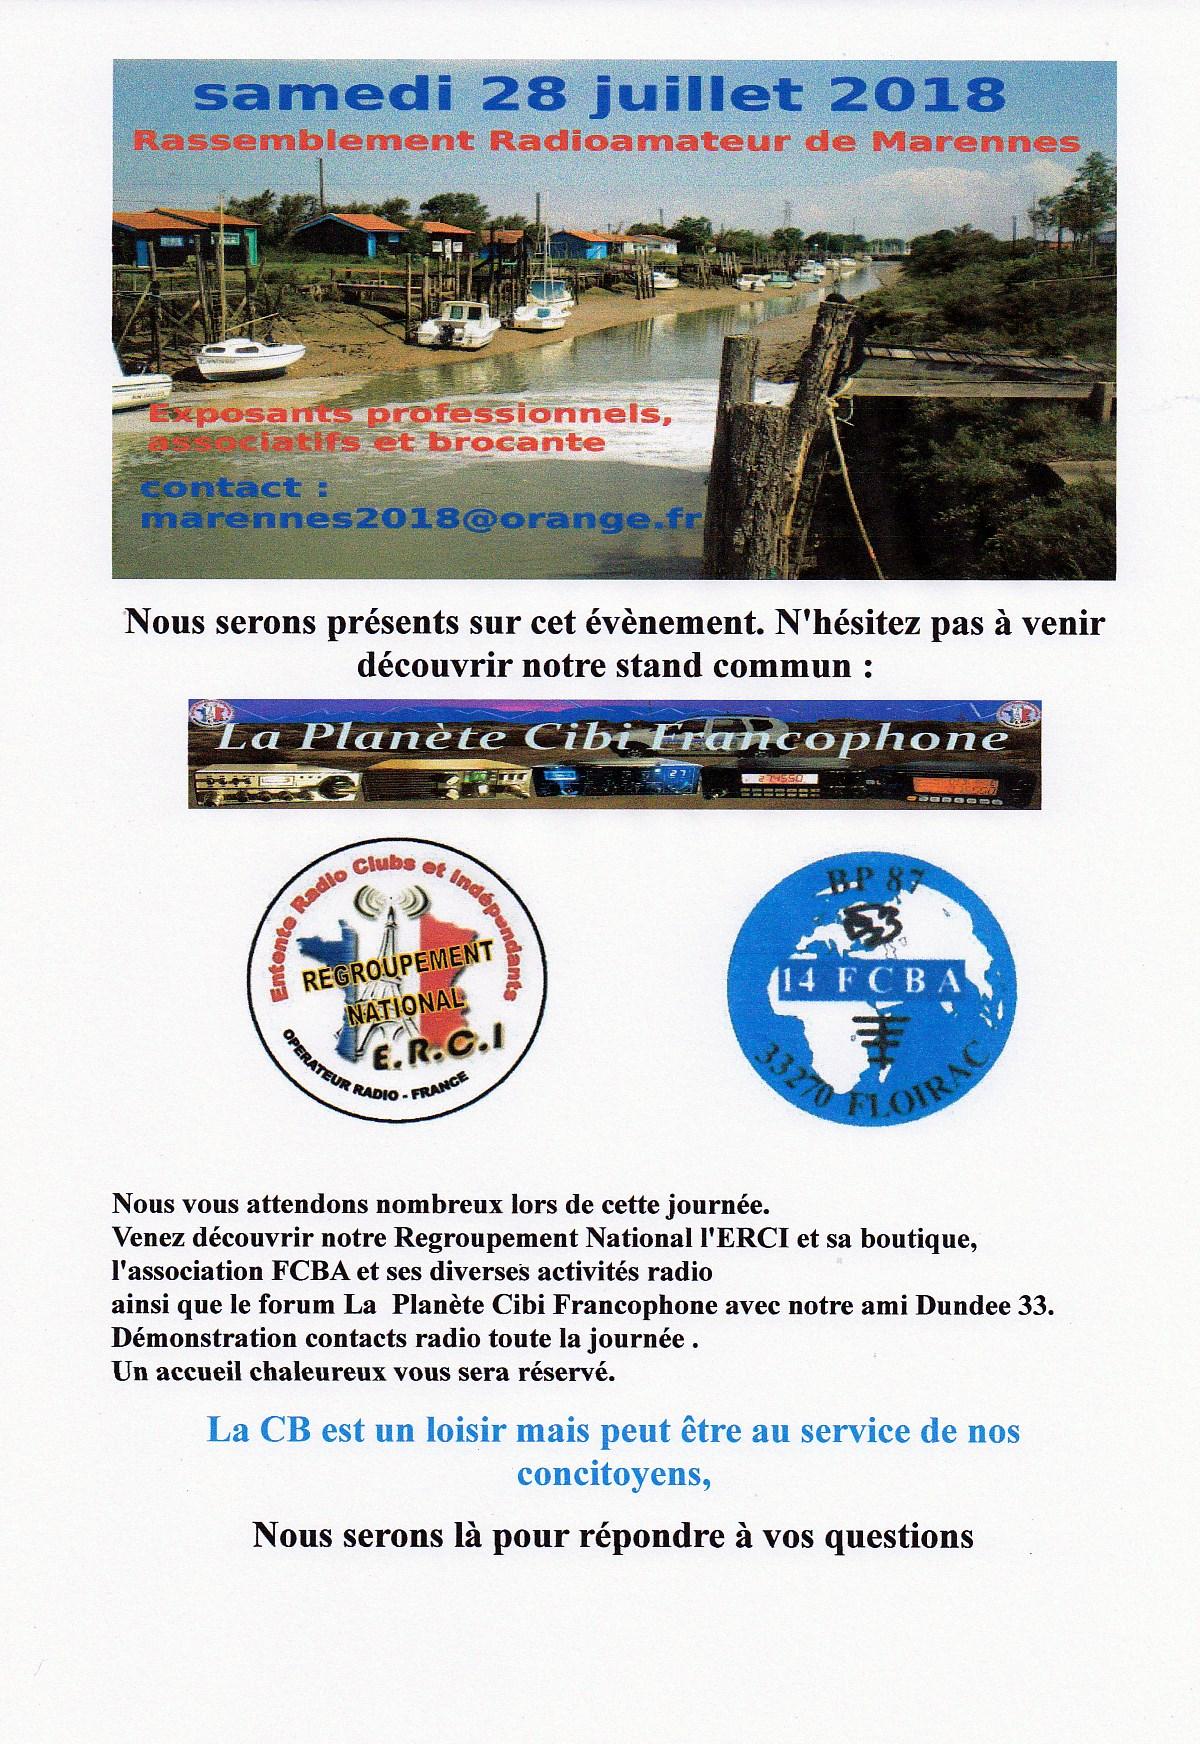 Salon du REF17 Marennes 2018 (dpt17) (28 juillet 2018) Img-20180427-0001